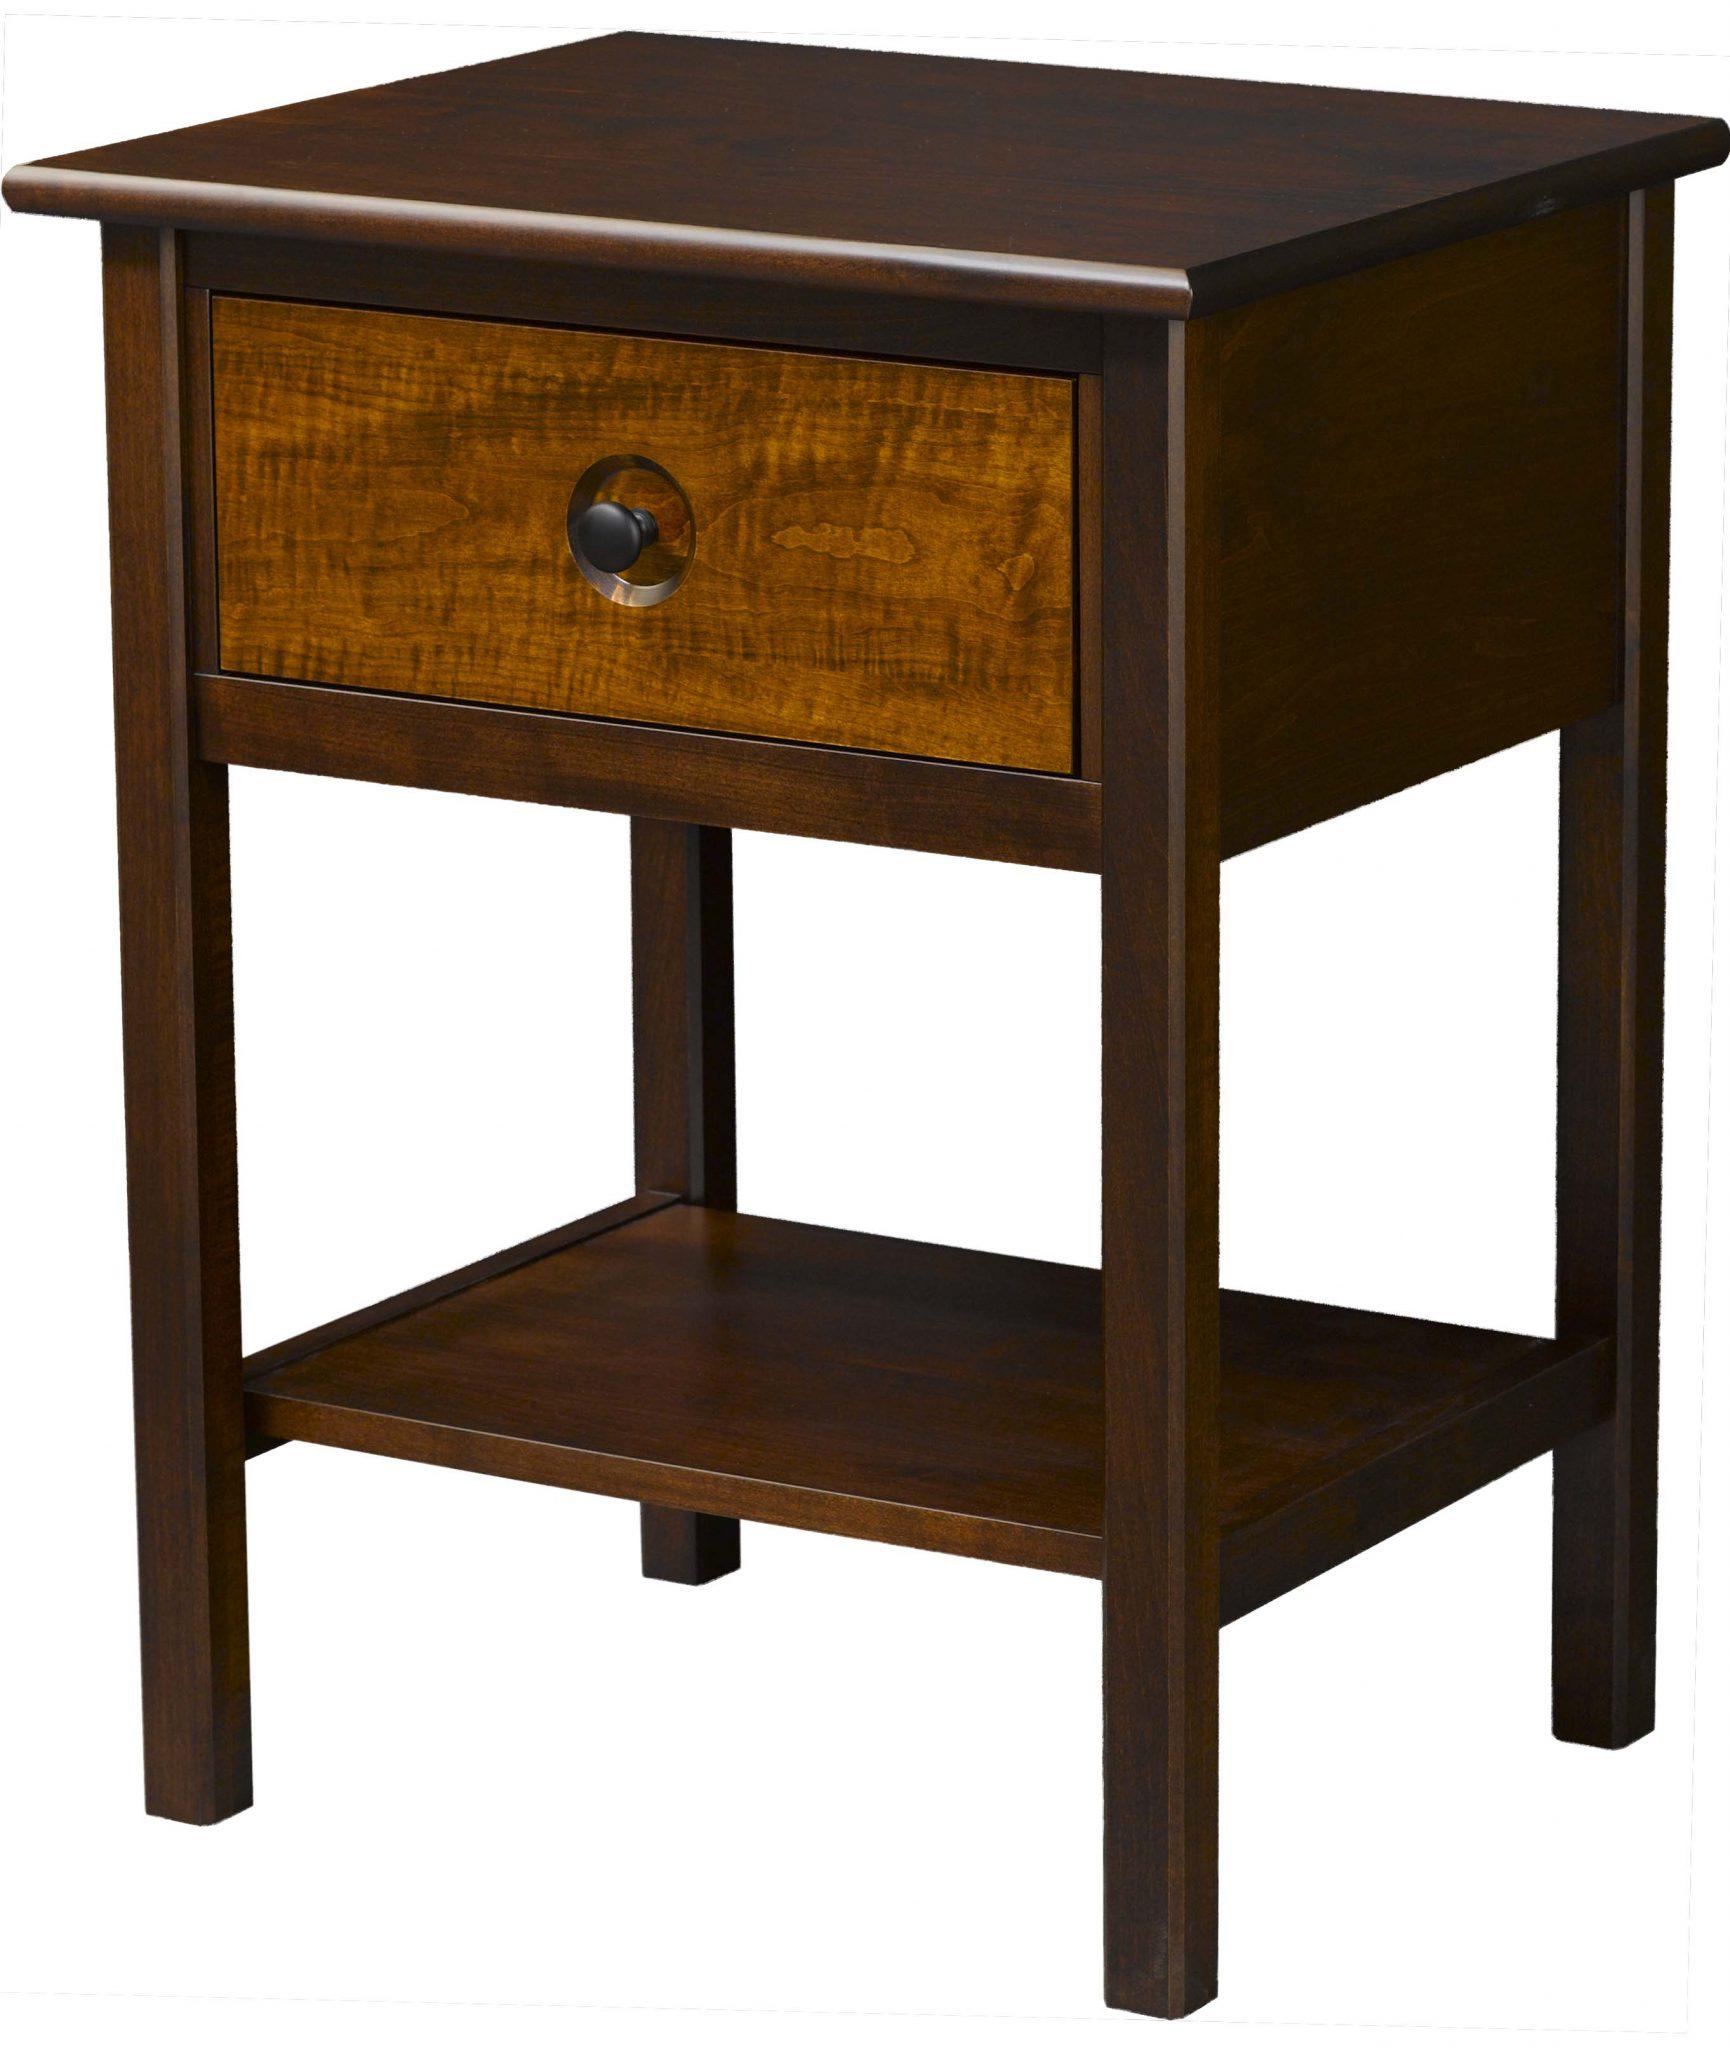 Chesapeaka Bedroom Set 1 Drawer Nightstand